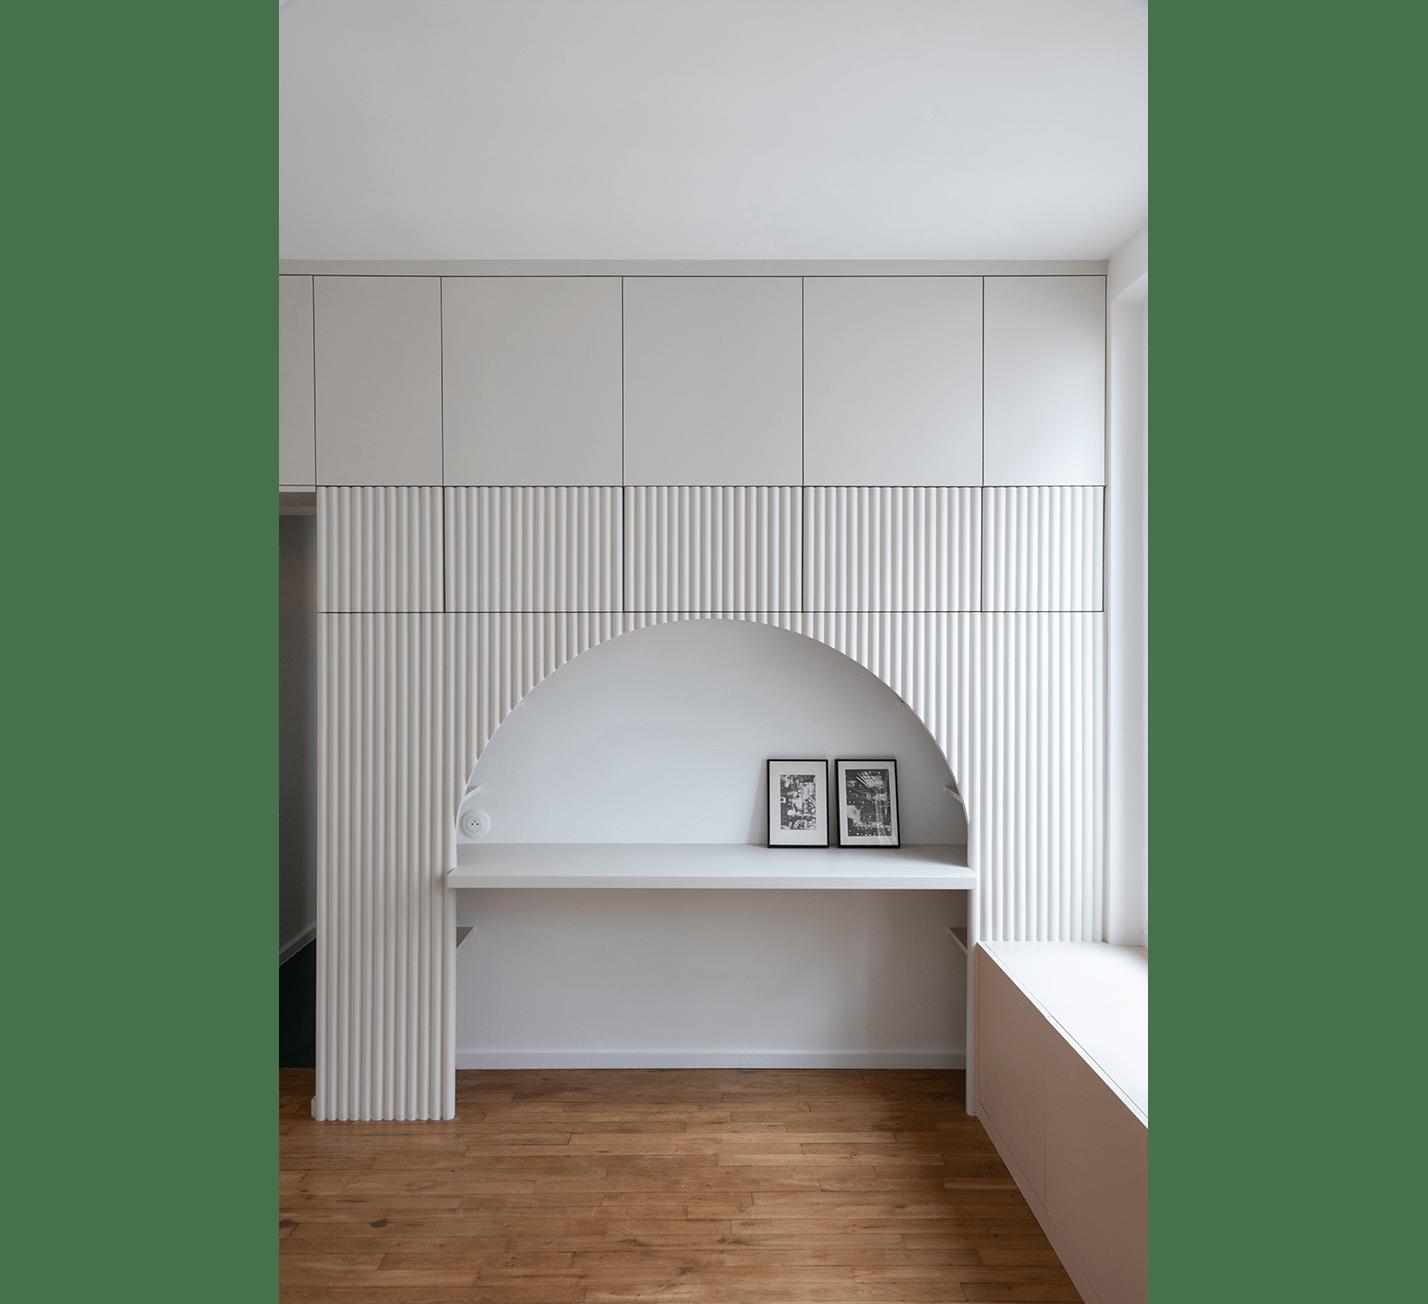 Projet-Georges-Atelier-Steve-Pauline-Borgia-Architecte-interieur-13-min